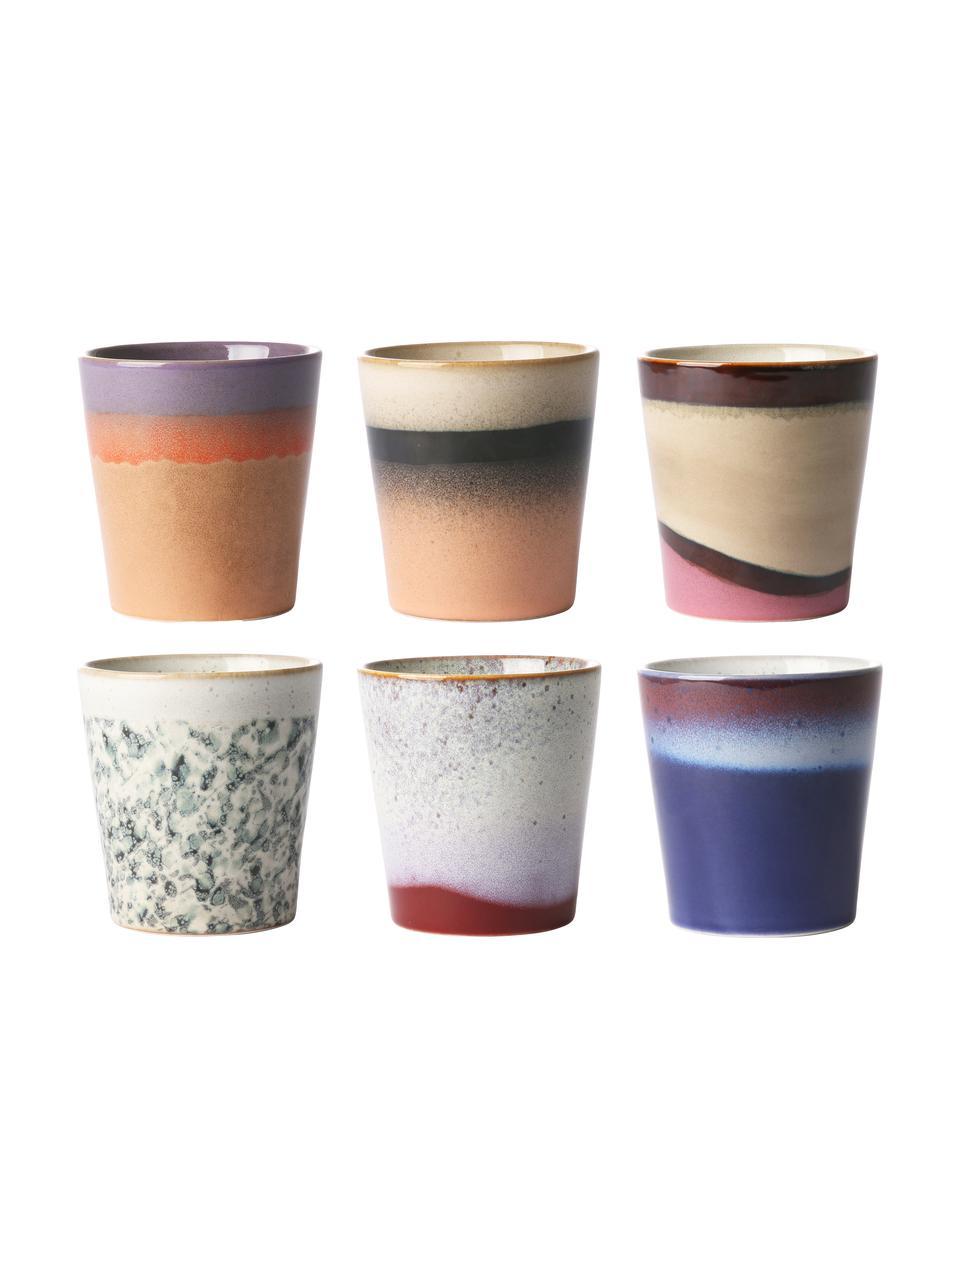 Sada ručně vyrobených pohárků XS v retro stylu 70's, 6 dílů, Více barev